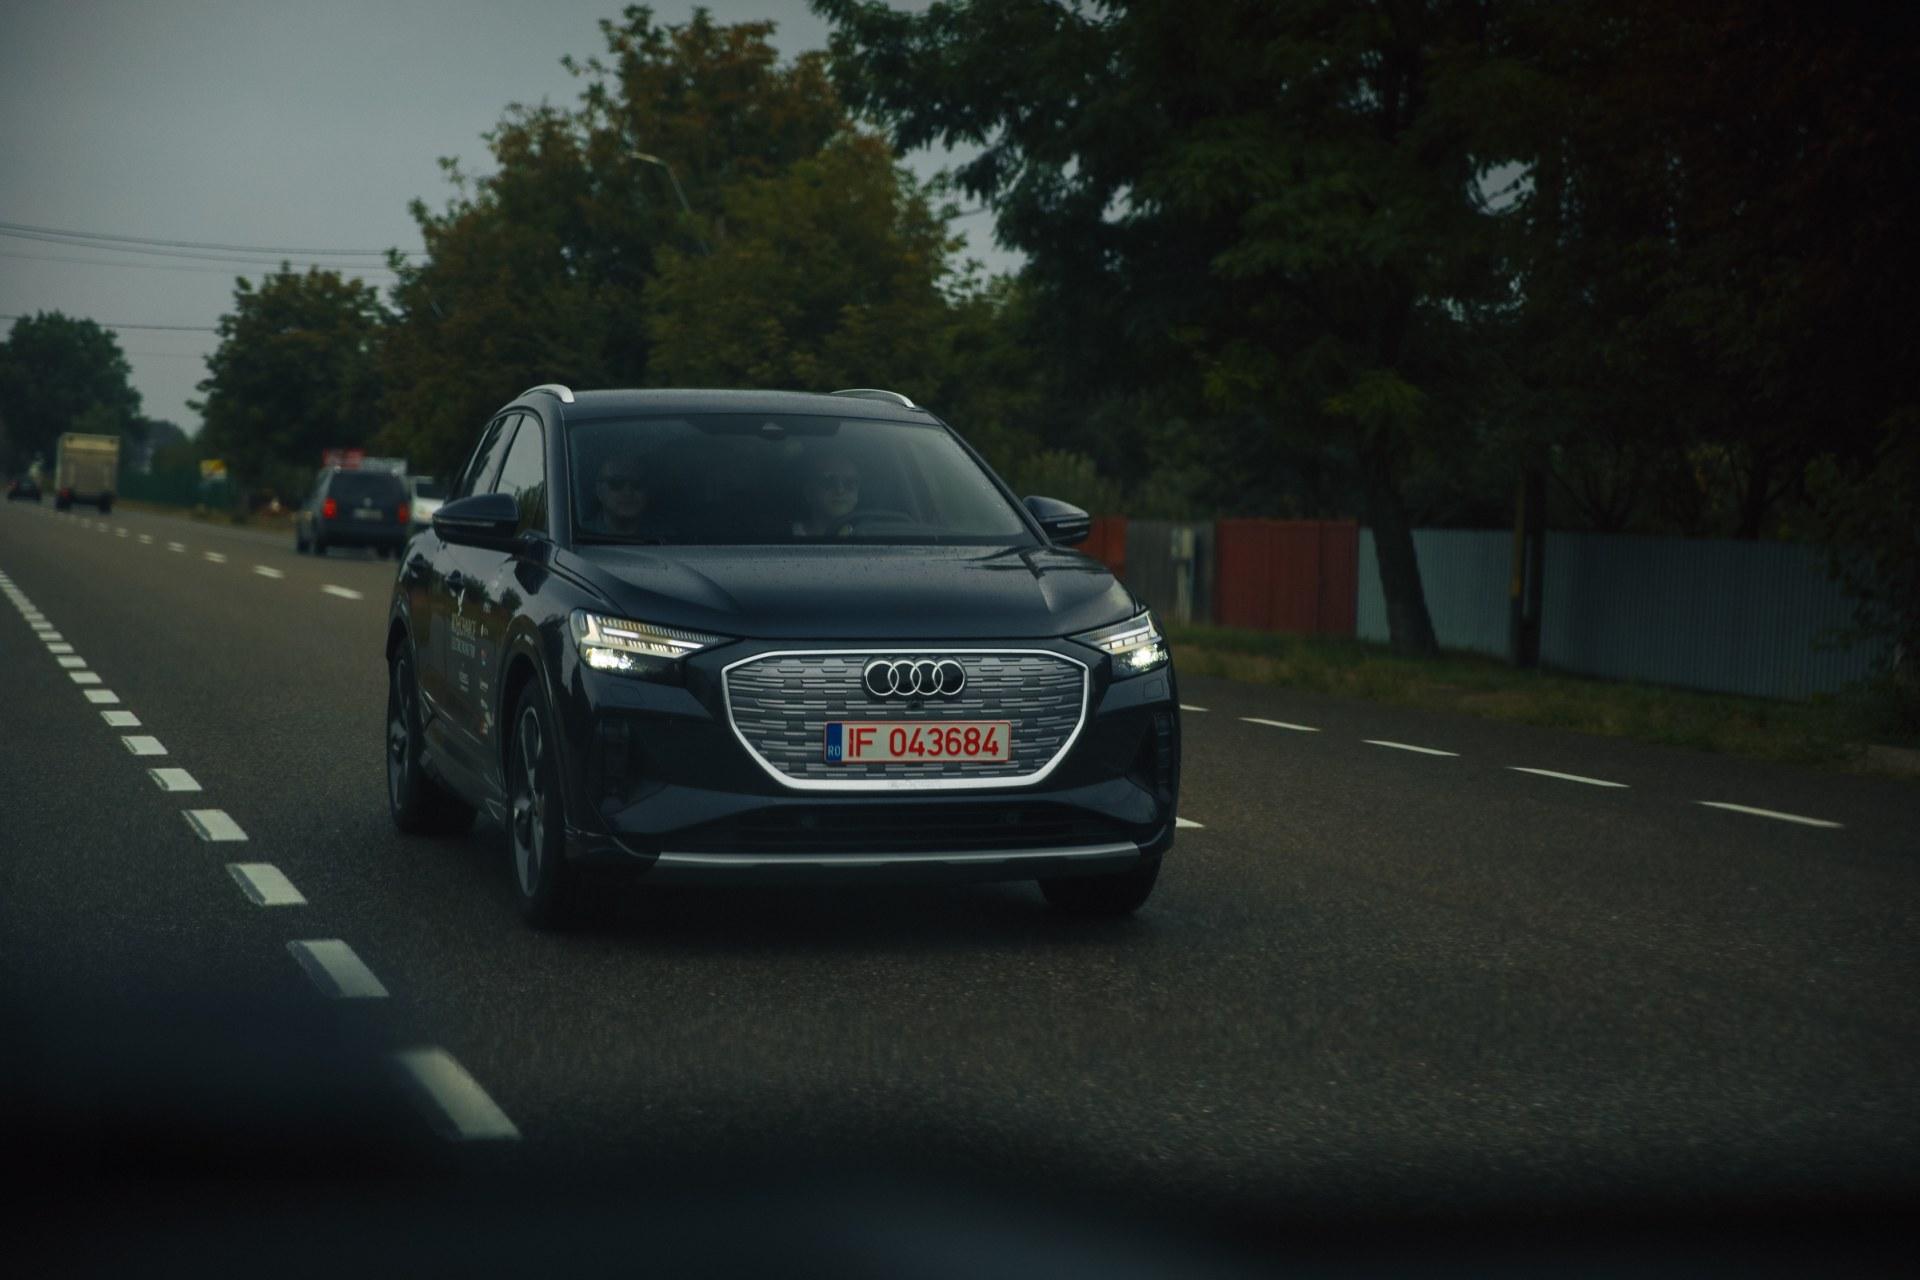 driven-2021-audi-q4-e-tron-50-quattro-audi-s-version-of-the-id4_11.jpg